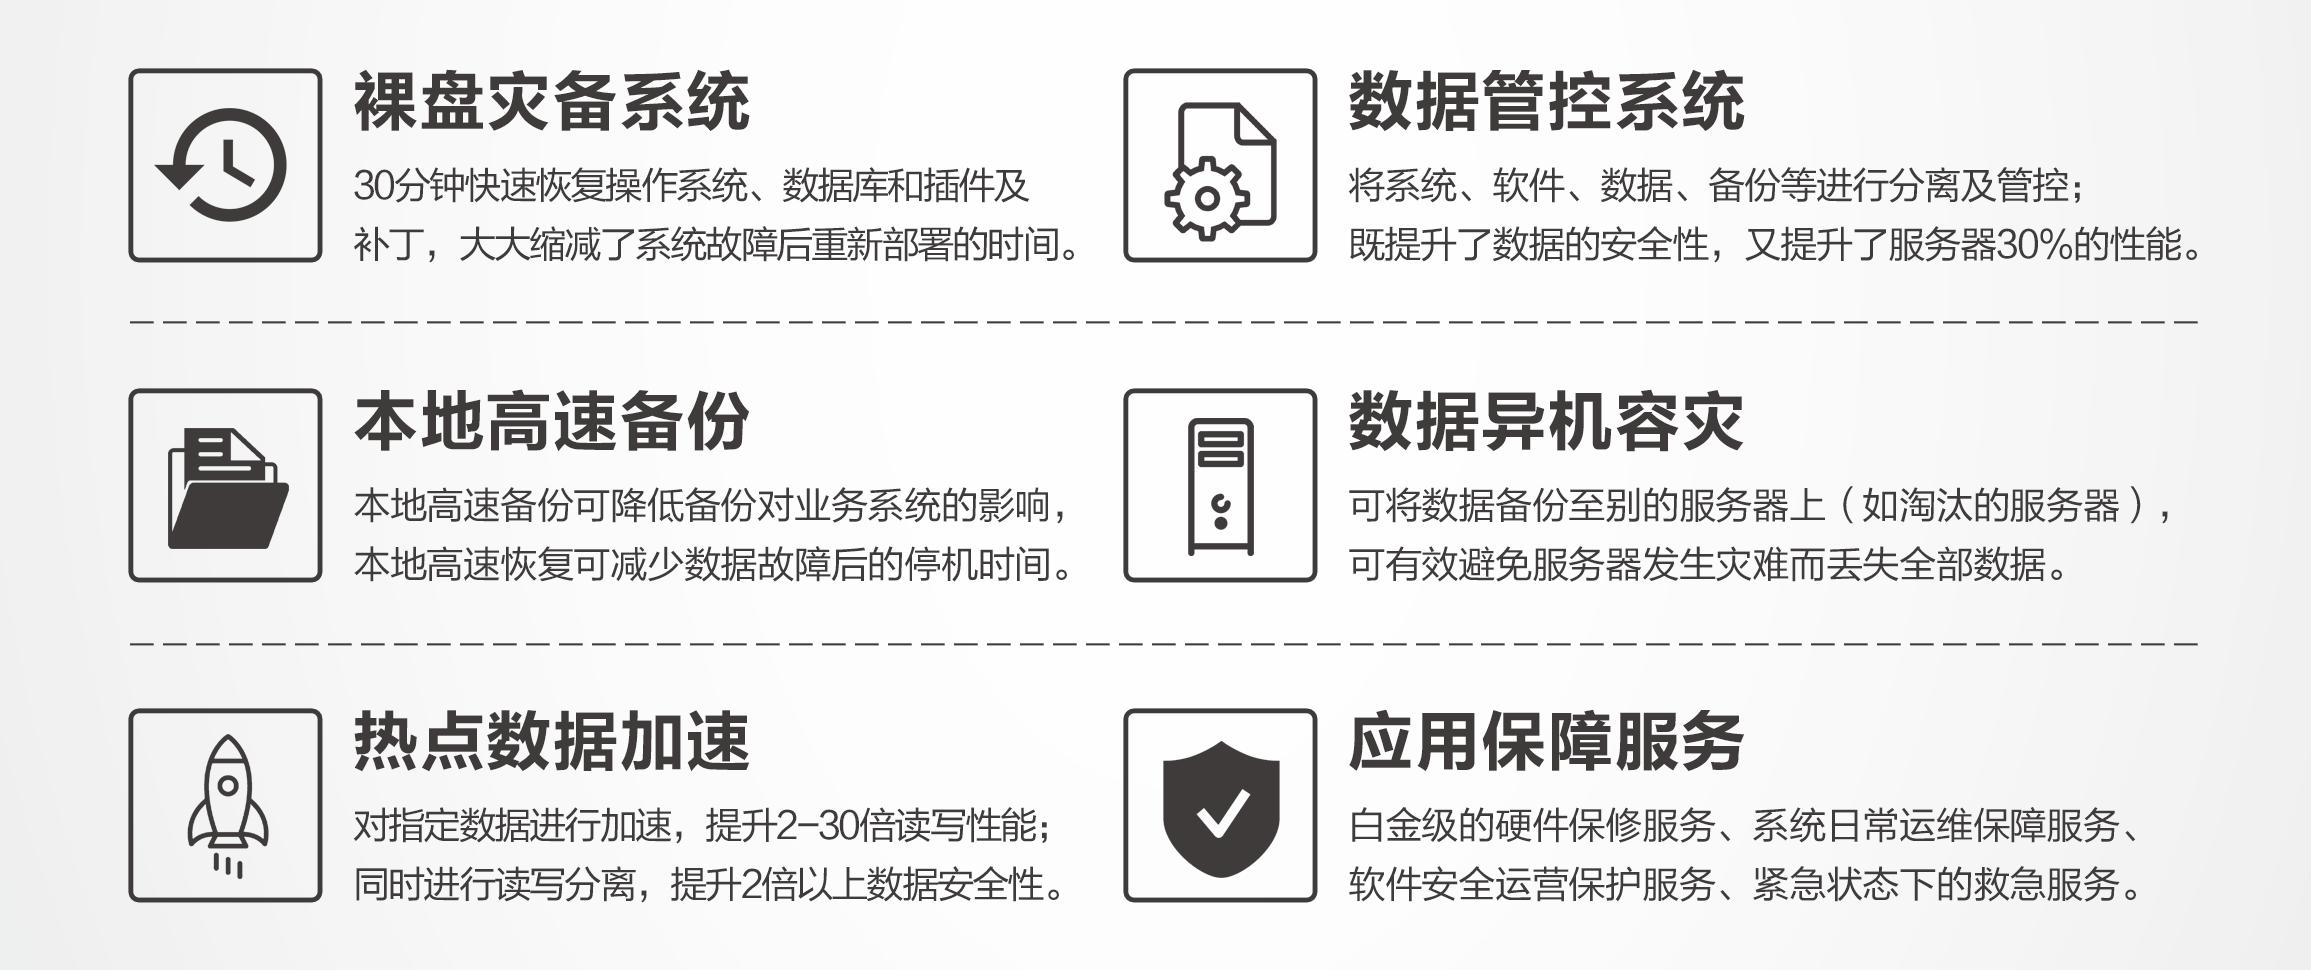 数据加速专用服务器-微信营销图2